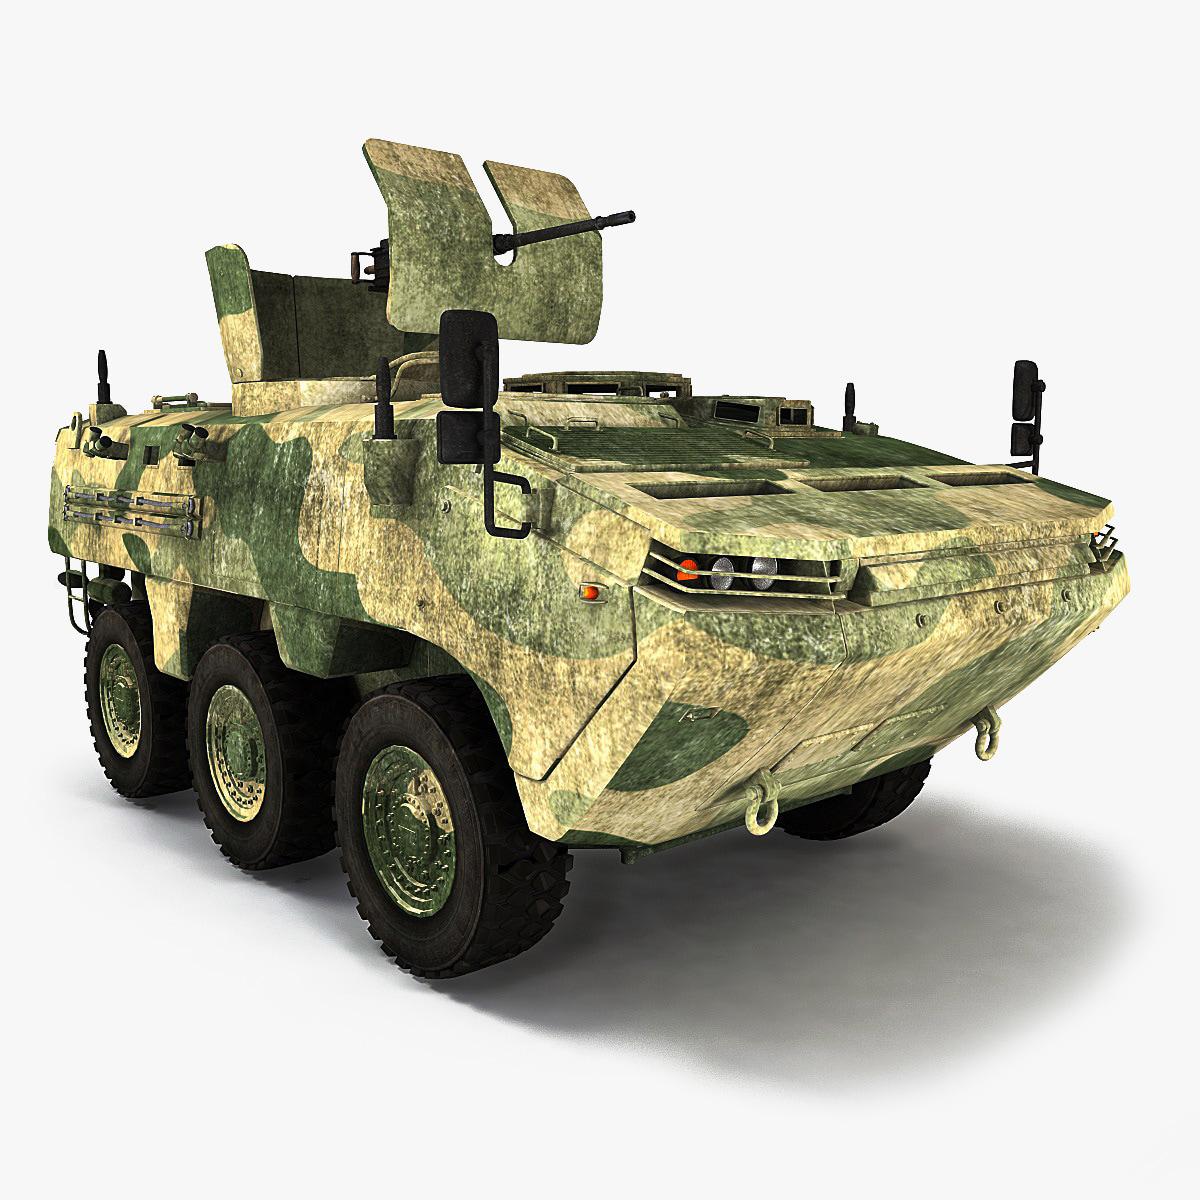 6x6 armored car concept - photo #38